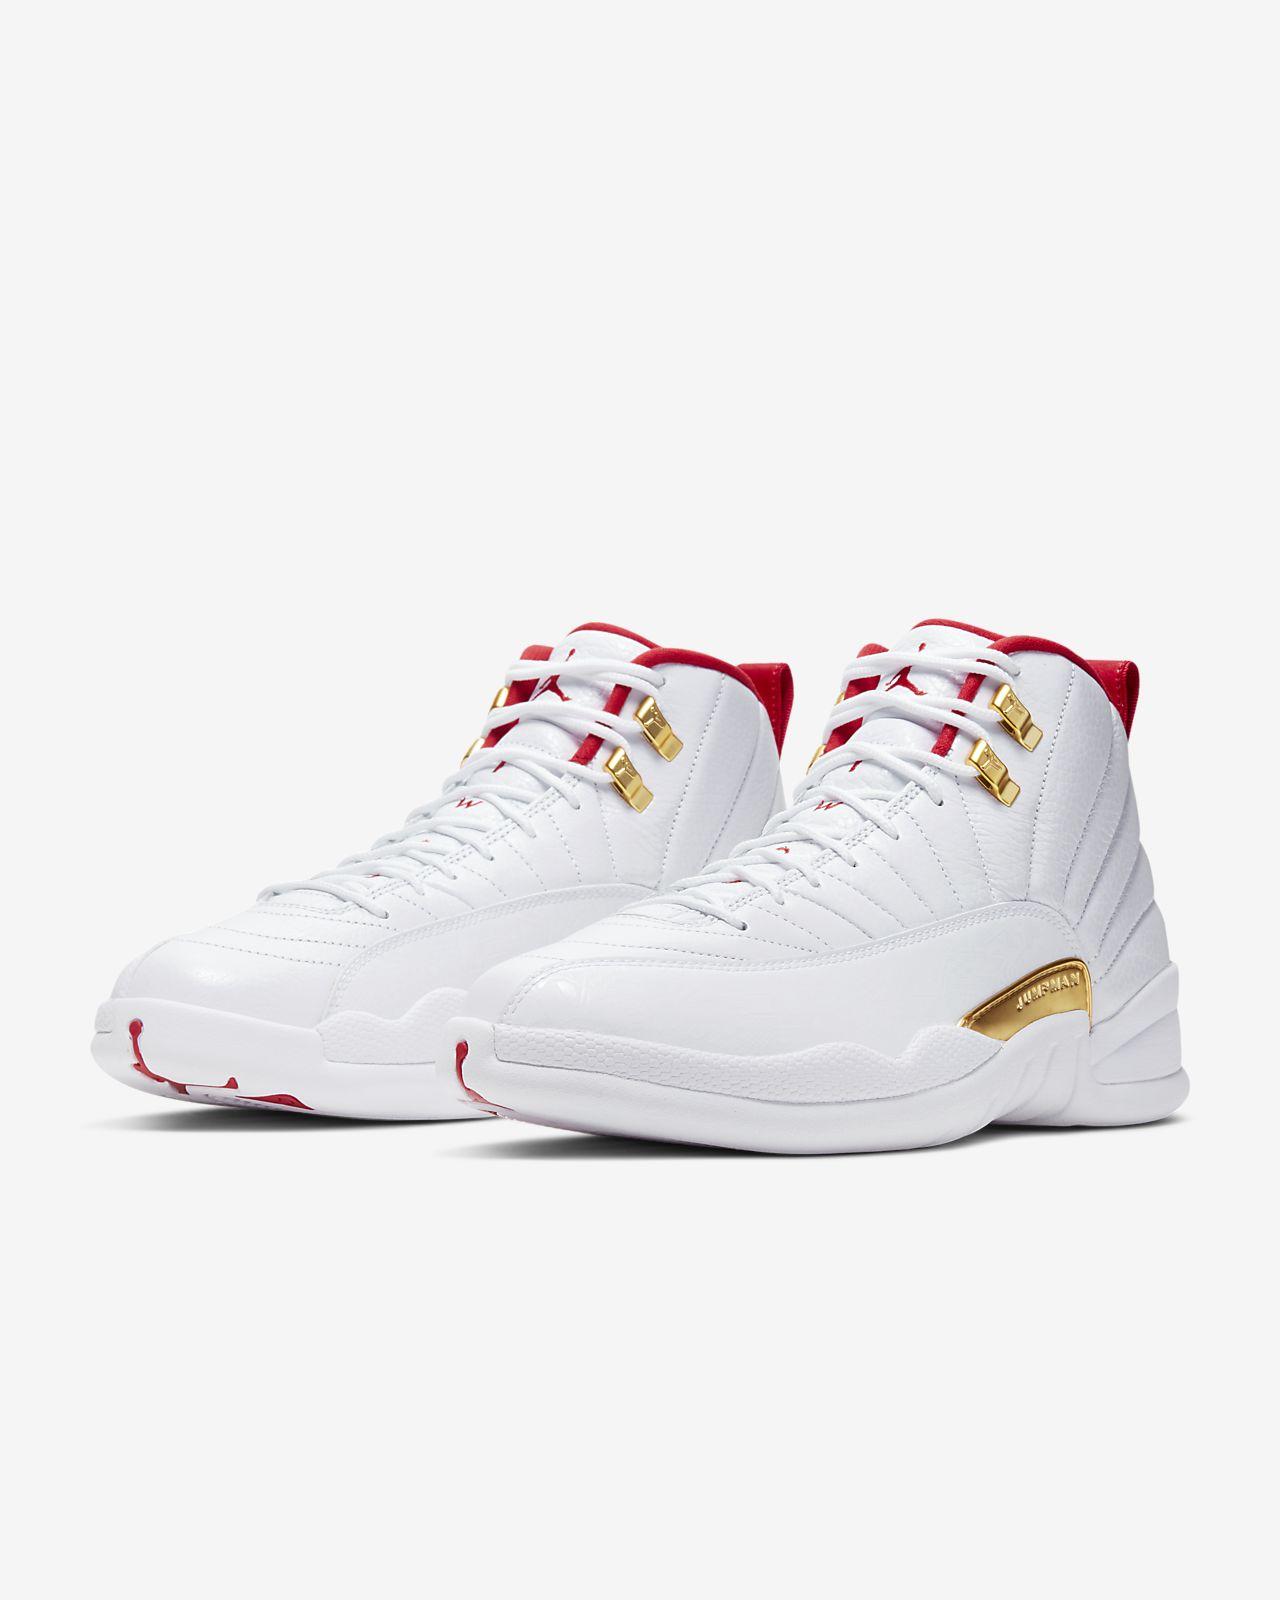 vente chaude en ligne 6acf2 dd9ac Air Jordan 12 Retro Men's Shoe